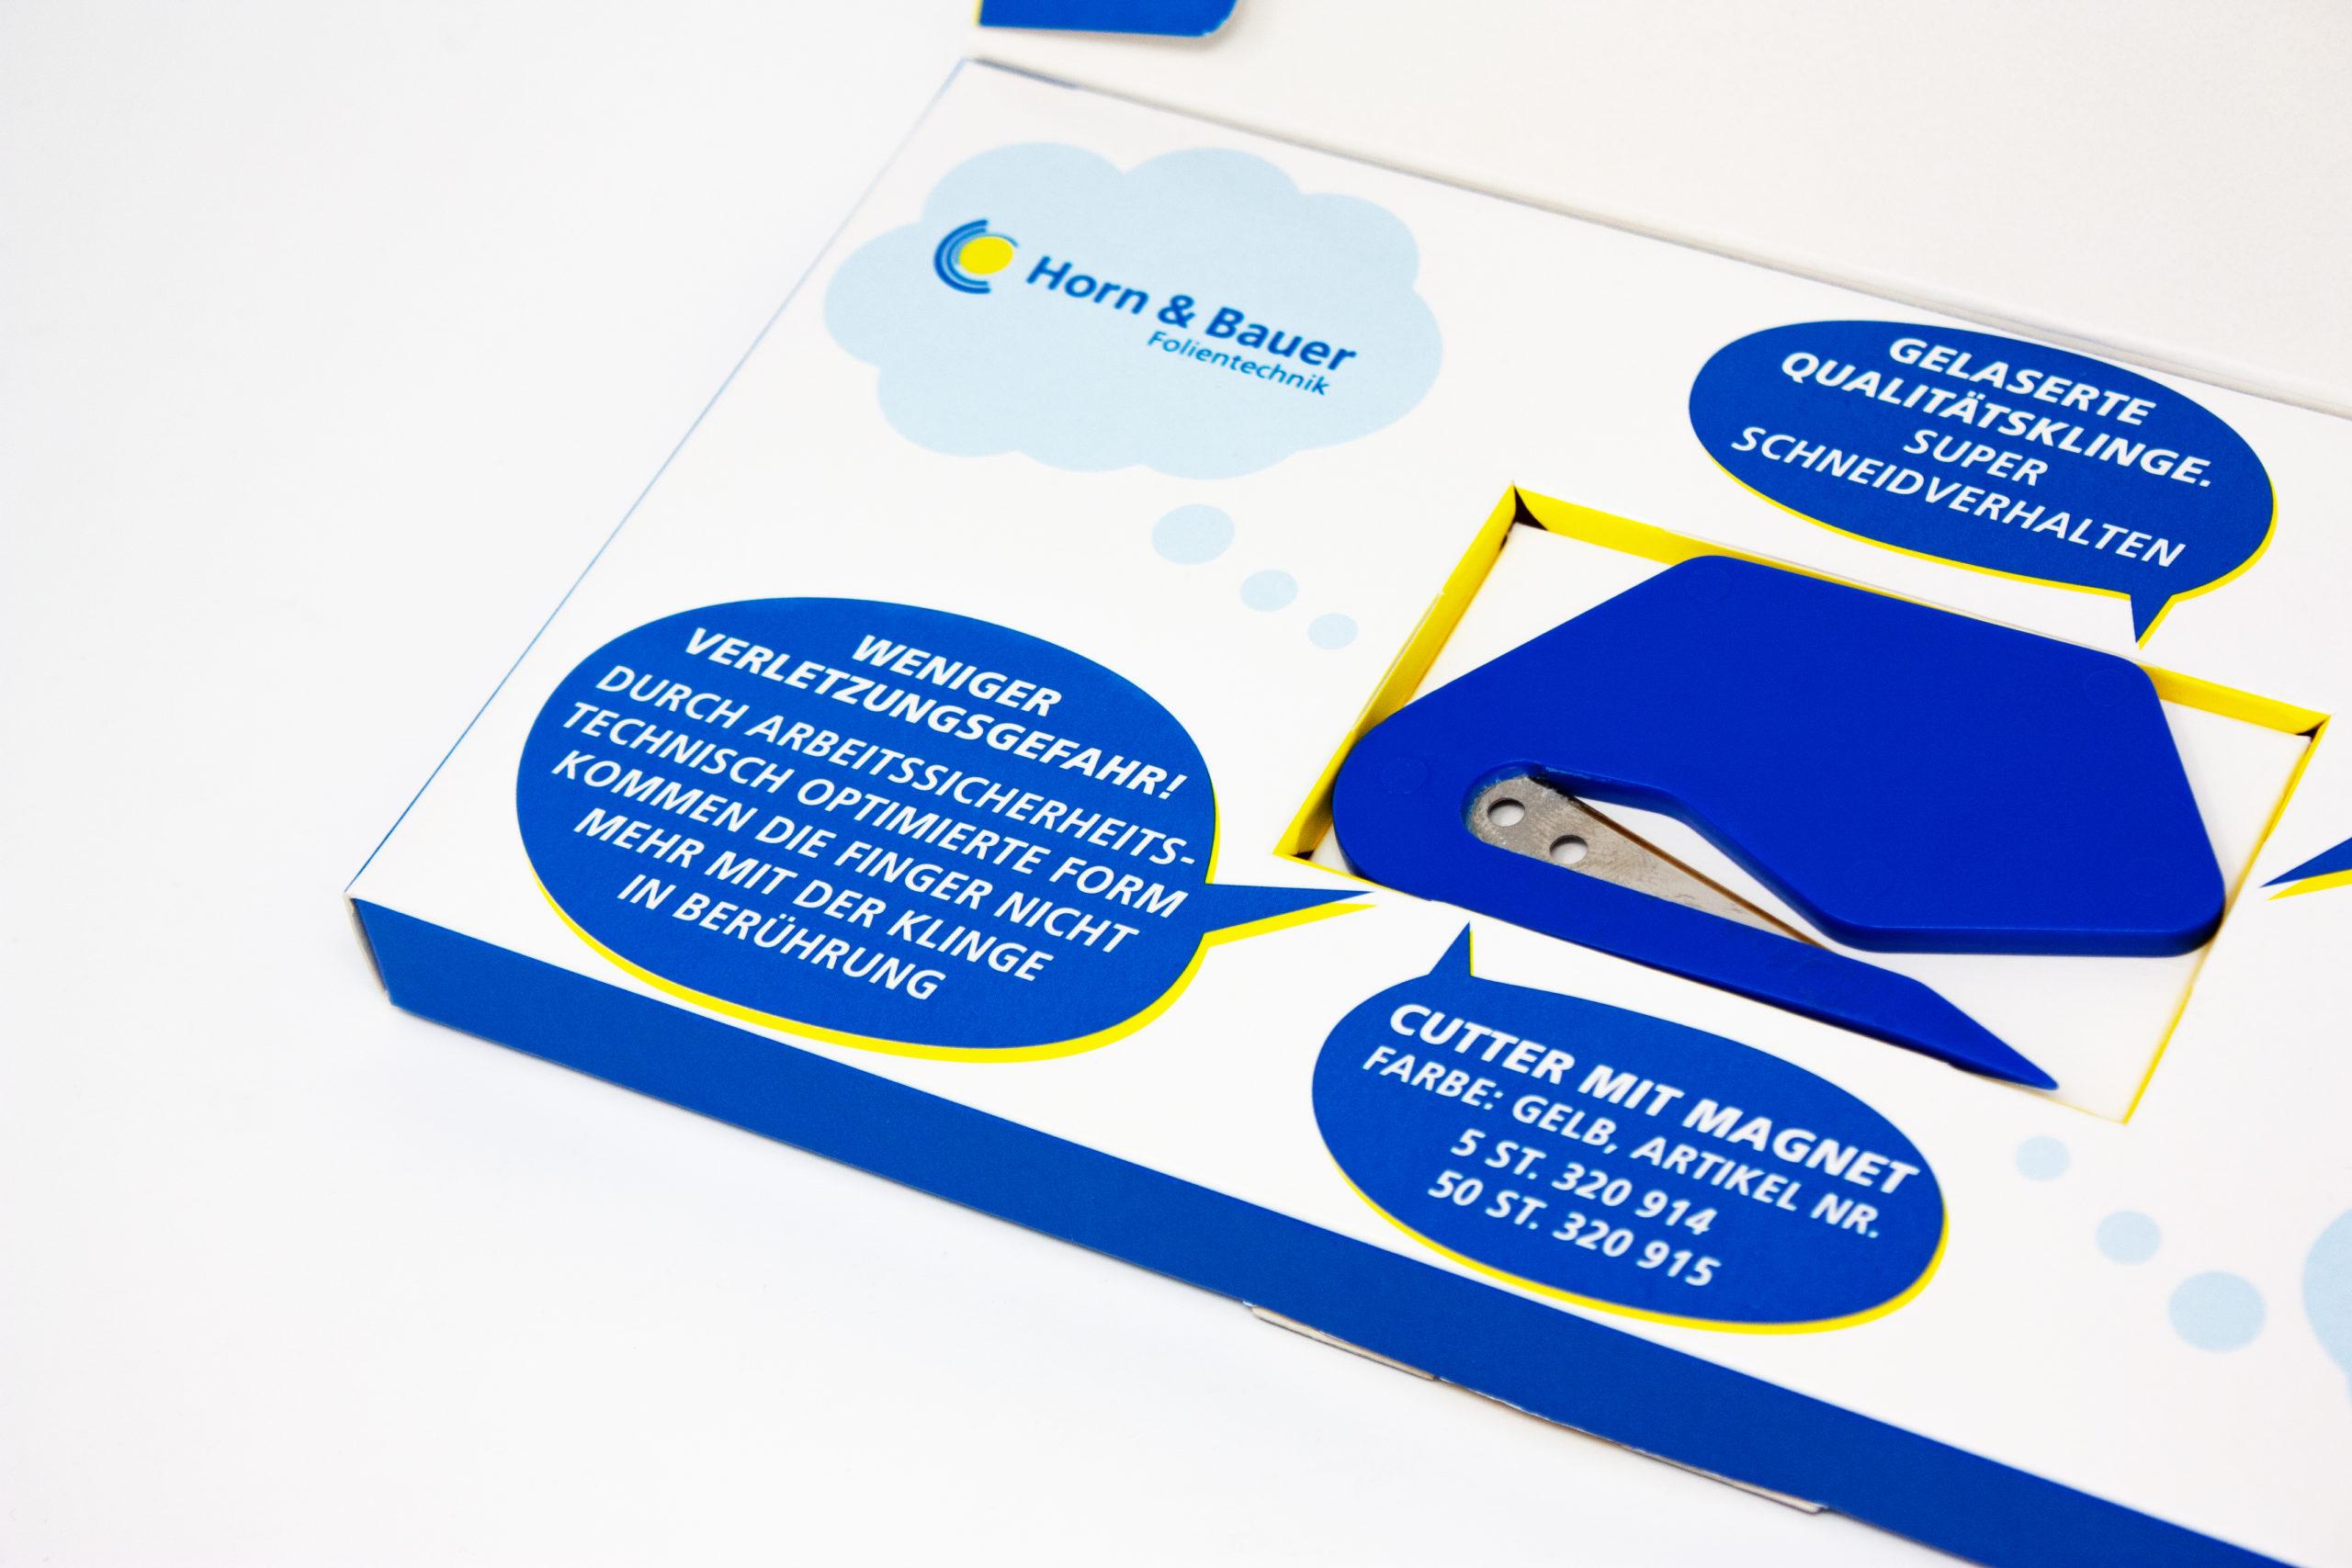 FORMLOS-Horn-und-Bauer-Corporate-Design-Verpackungsdesign-04